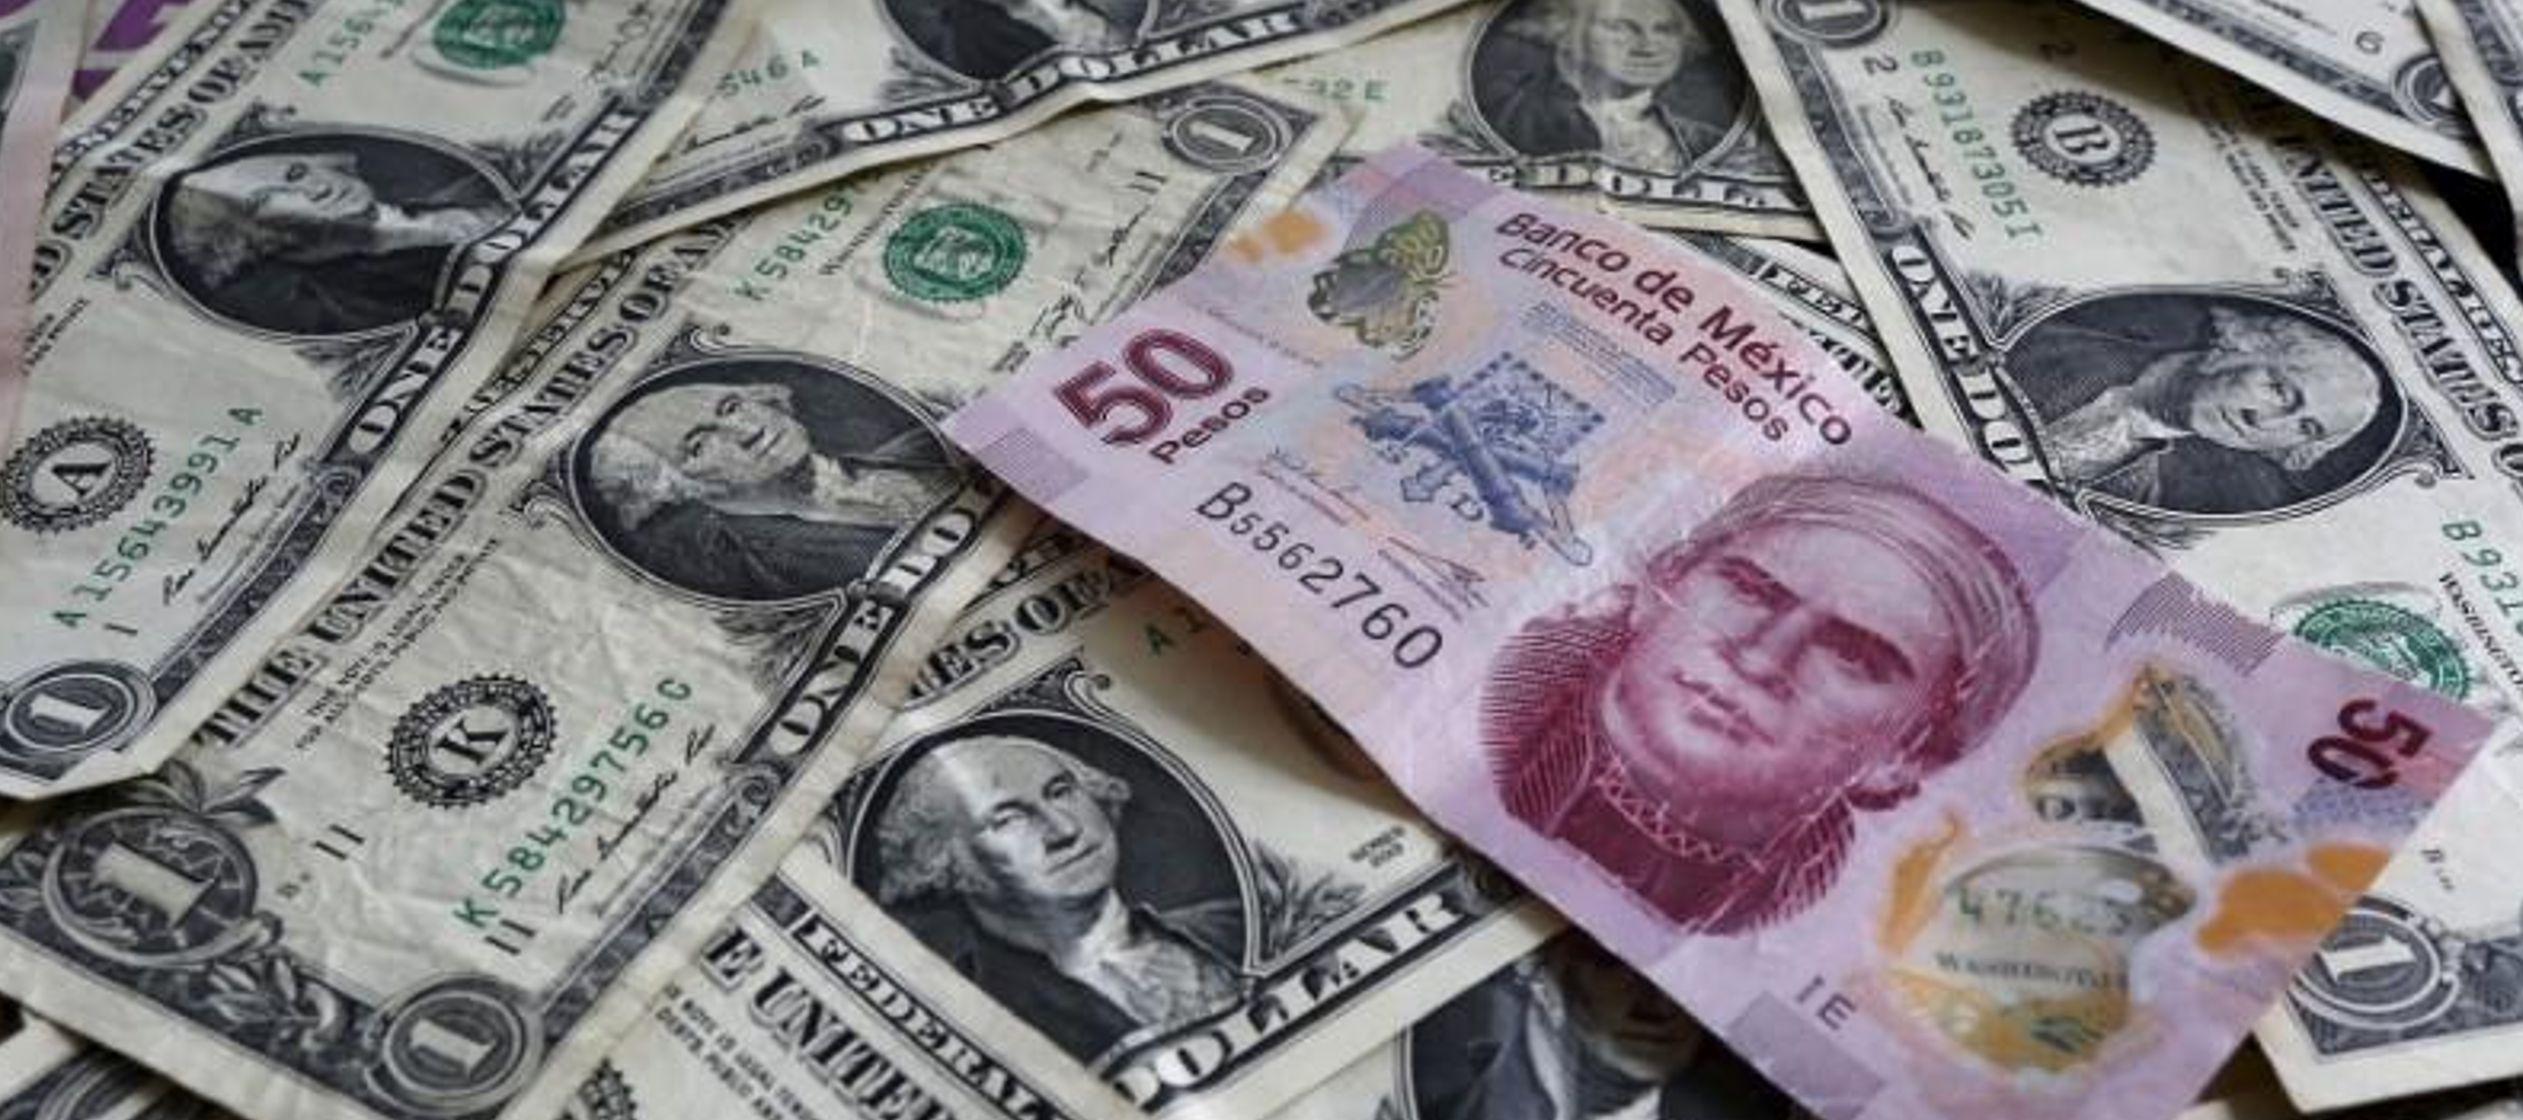 Las calificaciones de México son A3, BBB+ y BBB+, según Moody's, Fitch y...